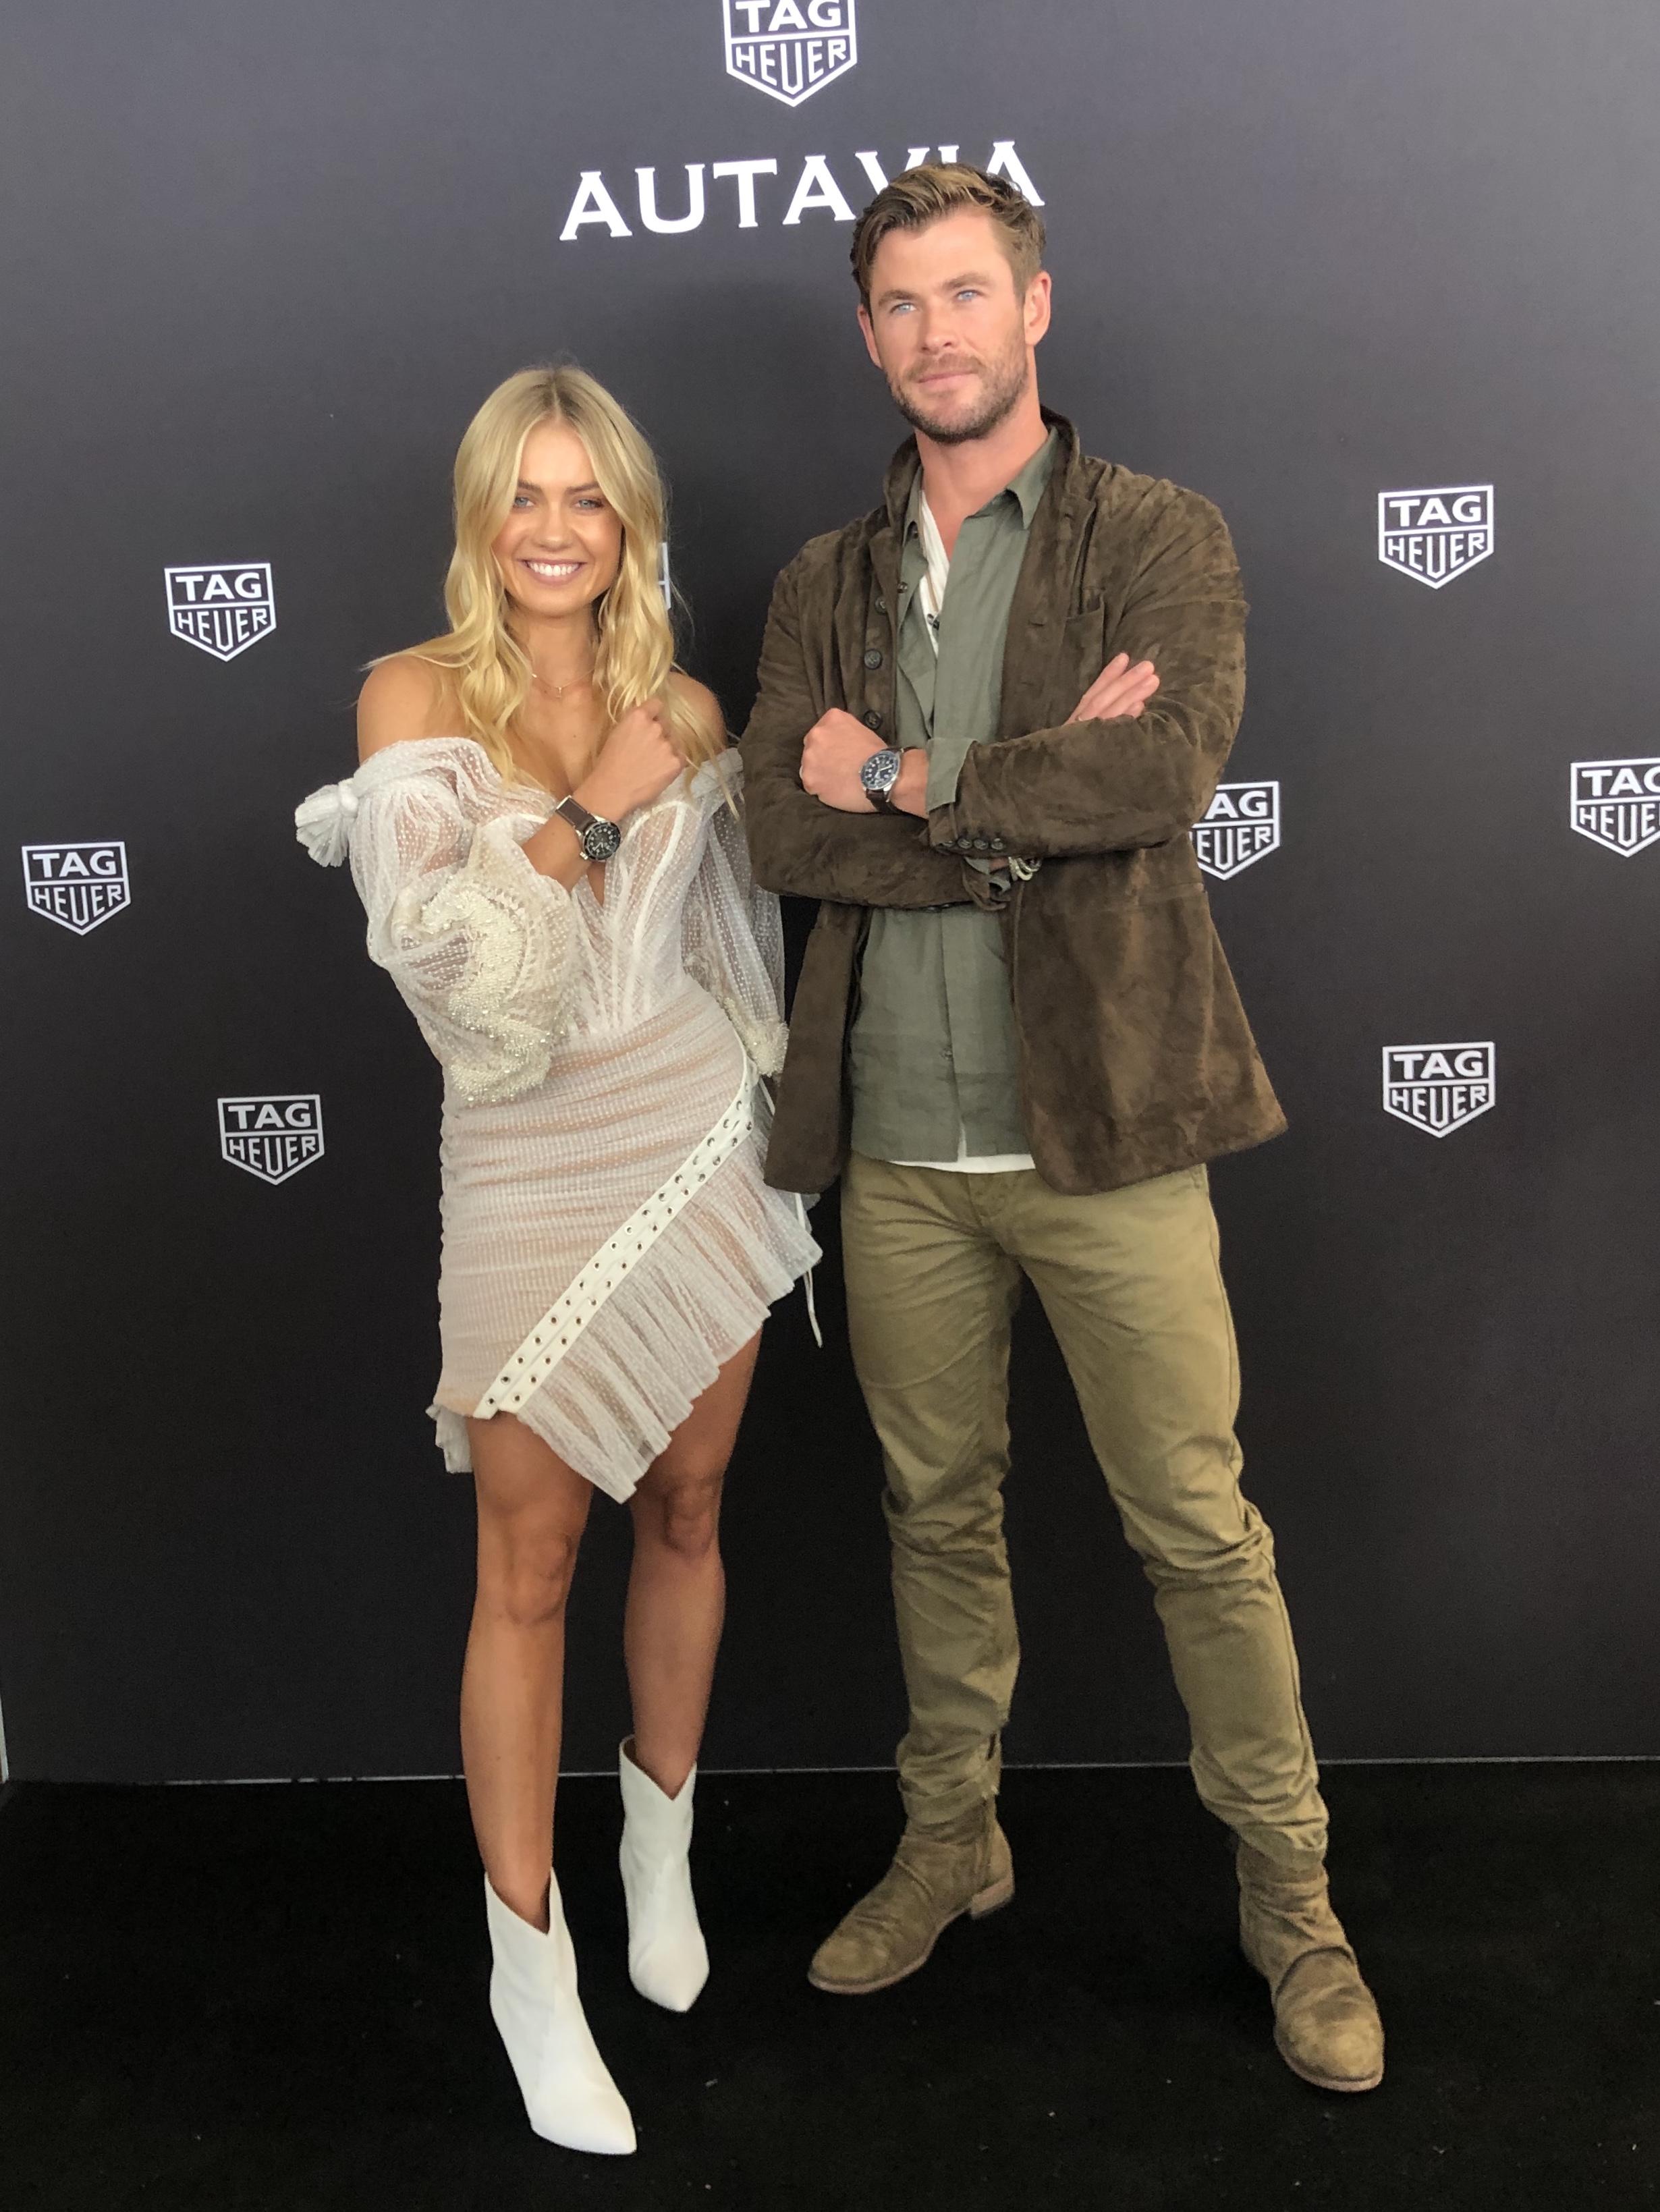 Elyse Knowles & Chris Hemsworth - Tag Heuer 2019 7.jpg